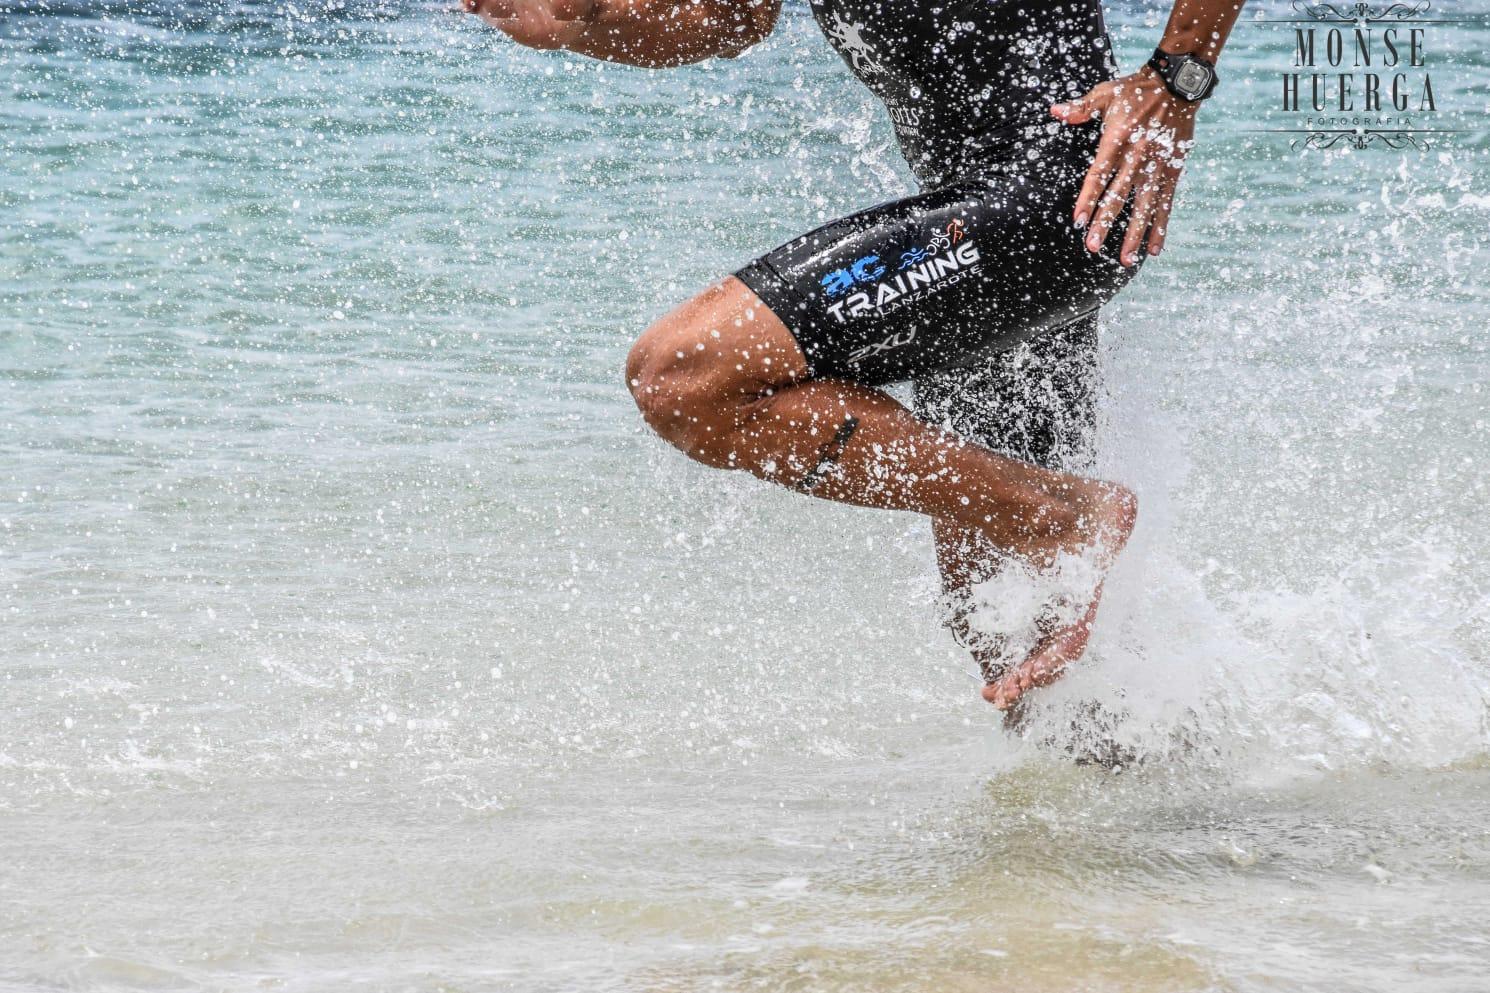 Plan de entrenamiento para triatlón en Lanzarote | ACTraining | Triathlon training plan in Lanzarote